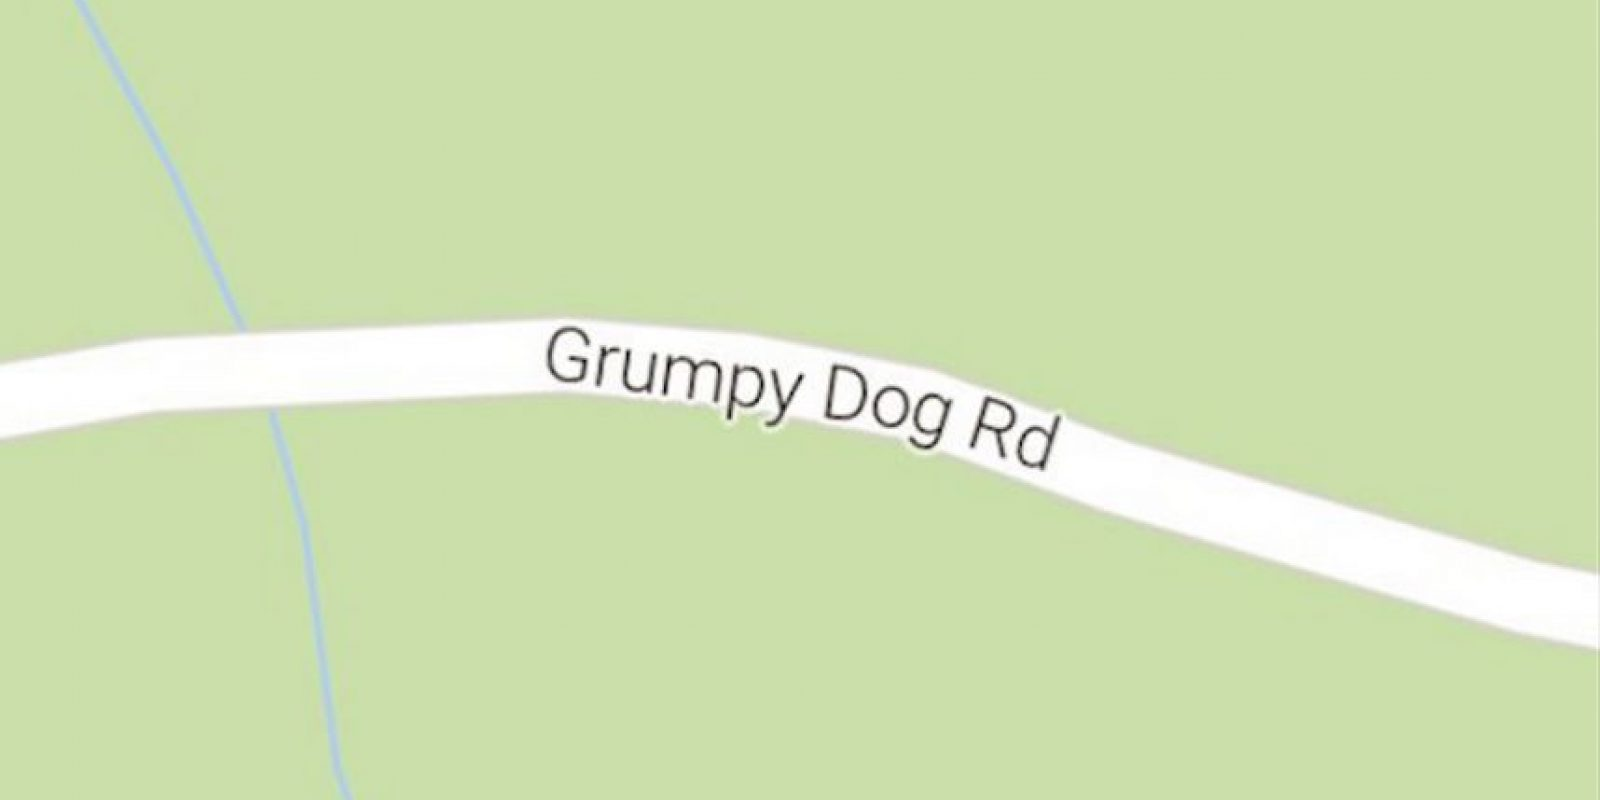 -Grumpy Dog Road (Libby, Montana, Estados Unidos). Foto:Vía Instagram @sadtopographies